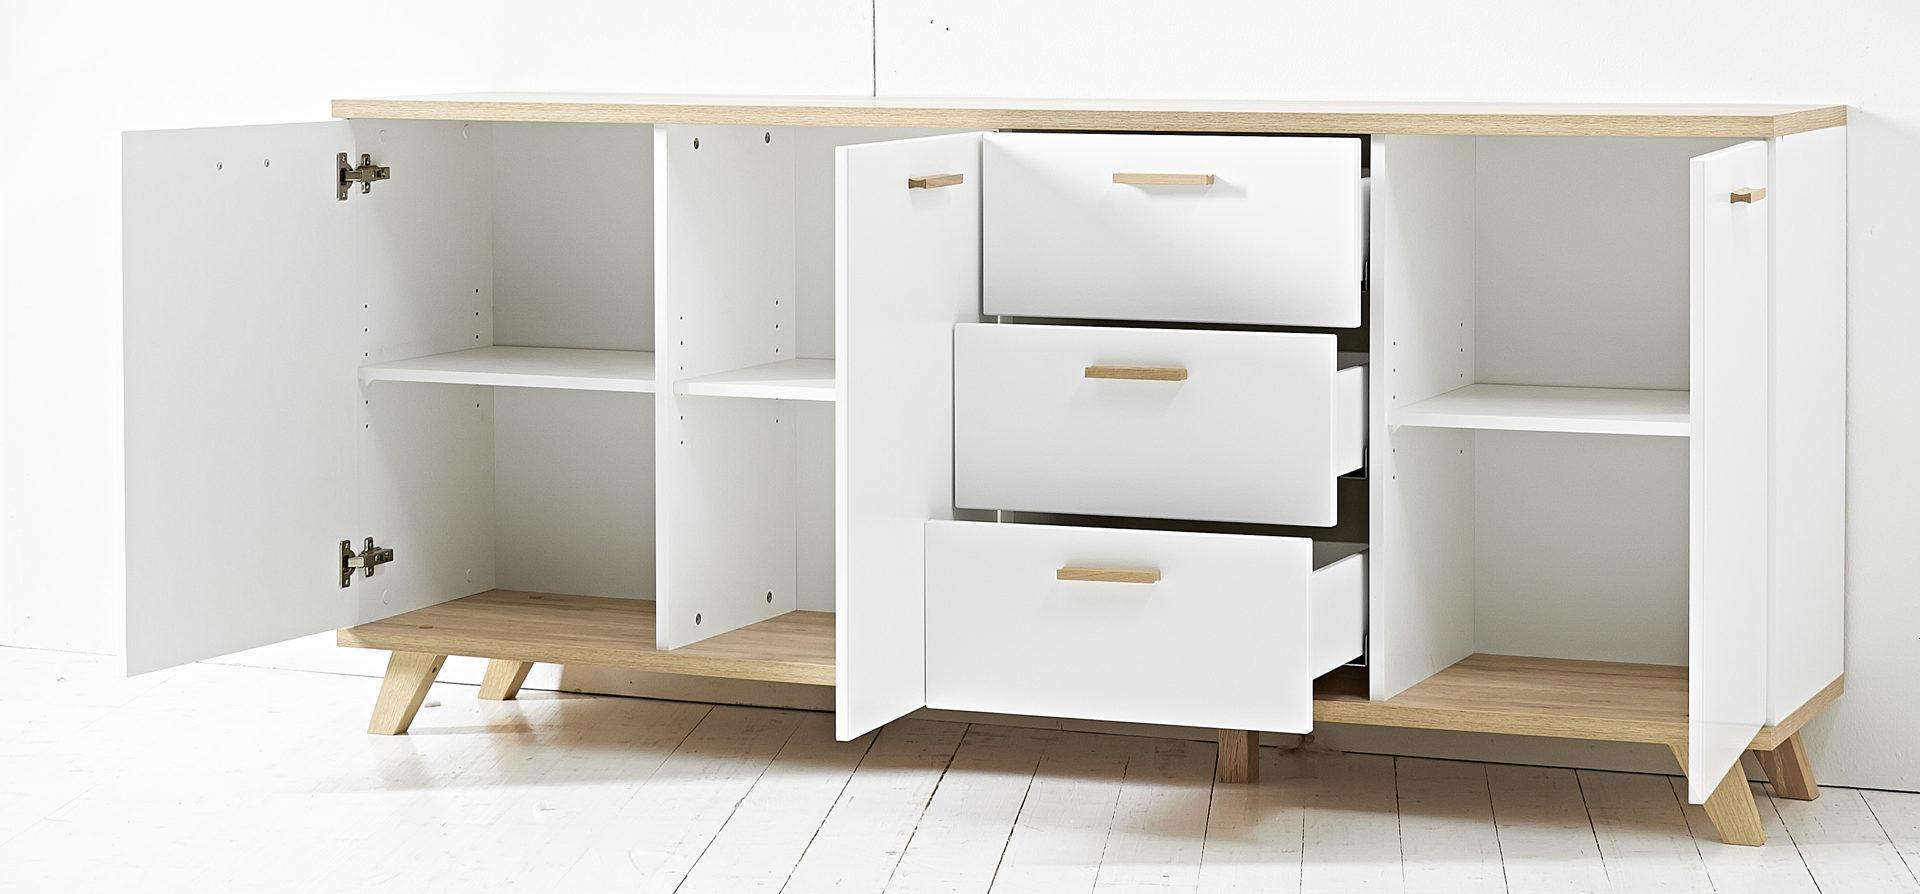 Hertel Möbel Gesees | Räume | Schlafzimmer | Kommoden + Sideboards